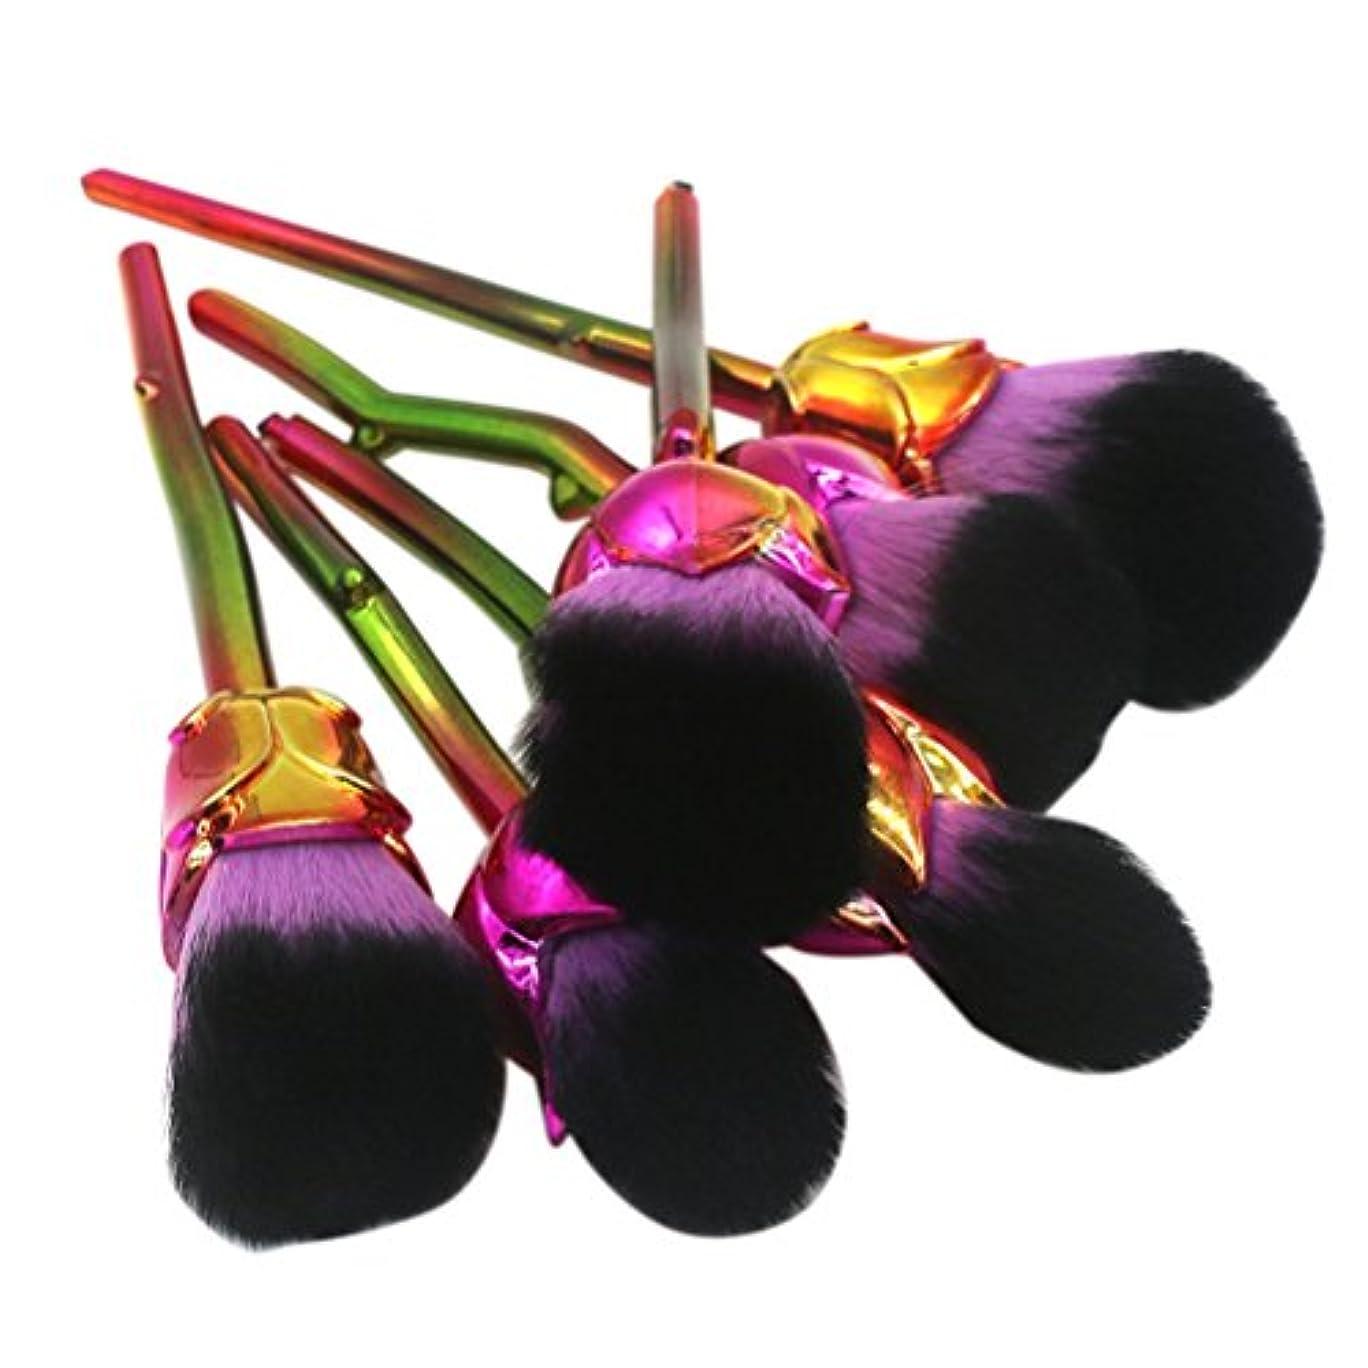 三阻害する好奇心ディラビューティー(Dilla Beauty) メイクブラシ 薔薇 メイクブラシセット 人気 ファンデーションブラシ 化粧筆 可愛い 化粧ブラシ セット パウダーブラシ フェイスブラシ ローズ メイクブラシ 6本セット ケース付き (パープル)